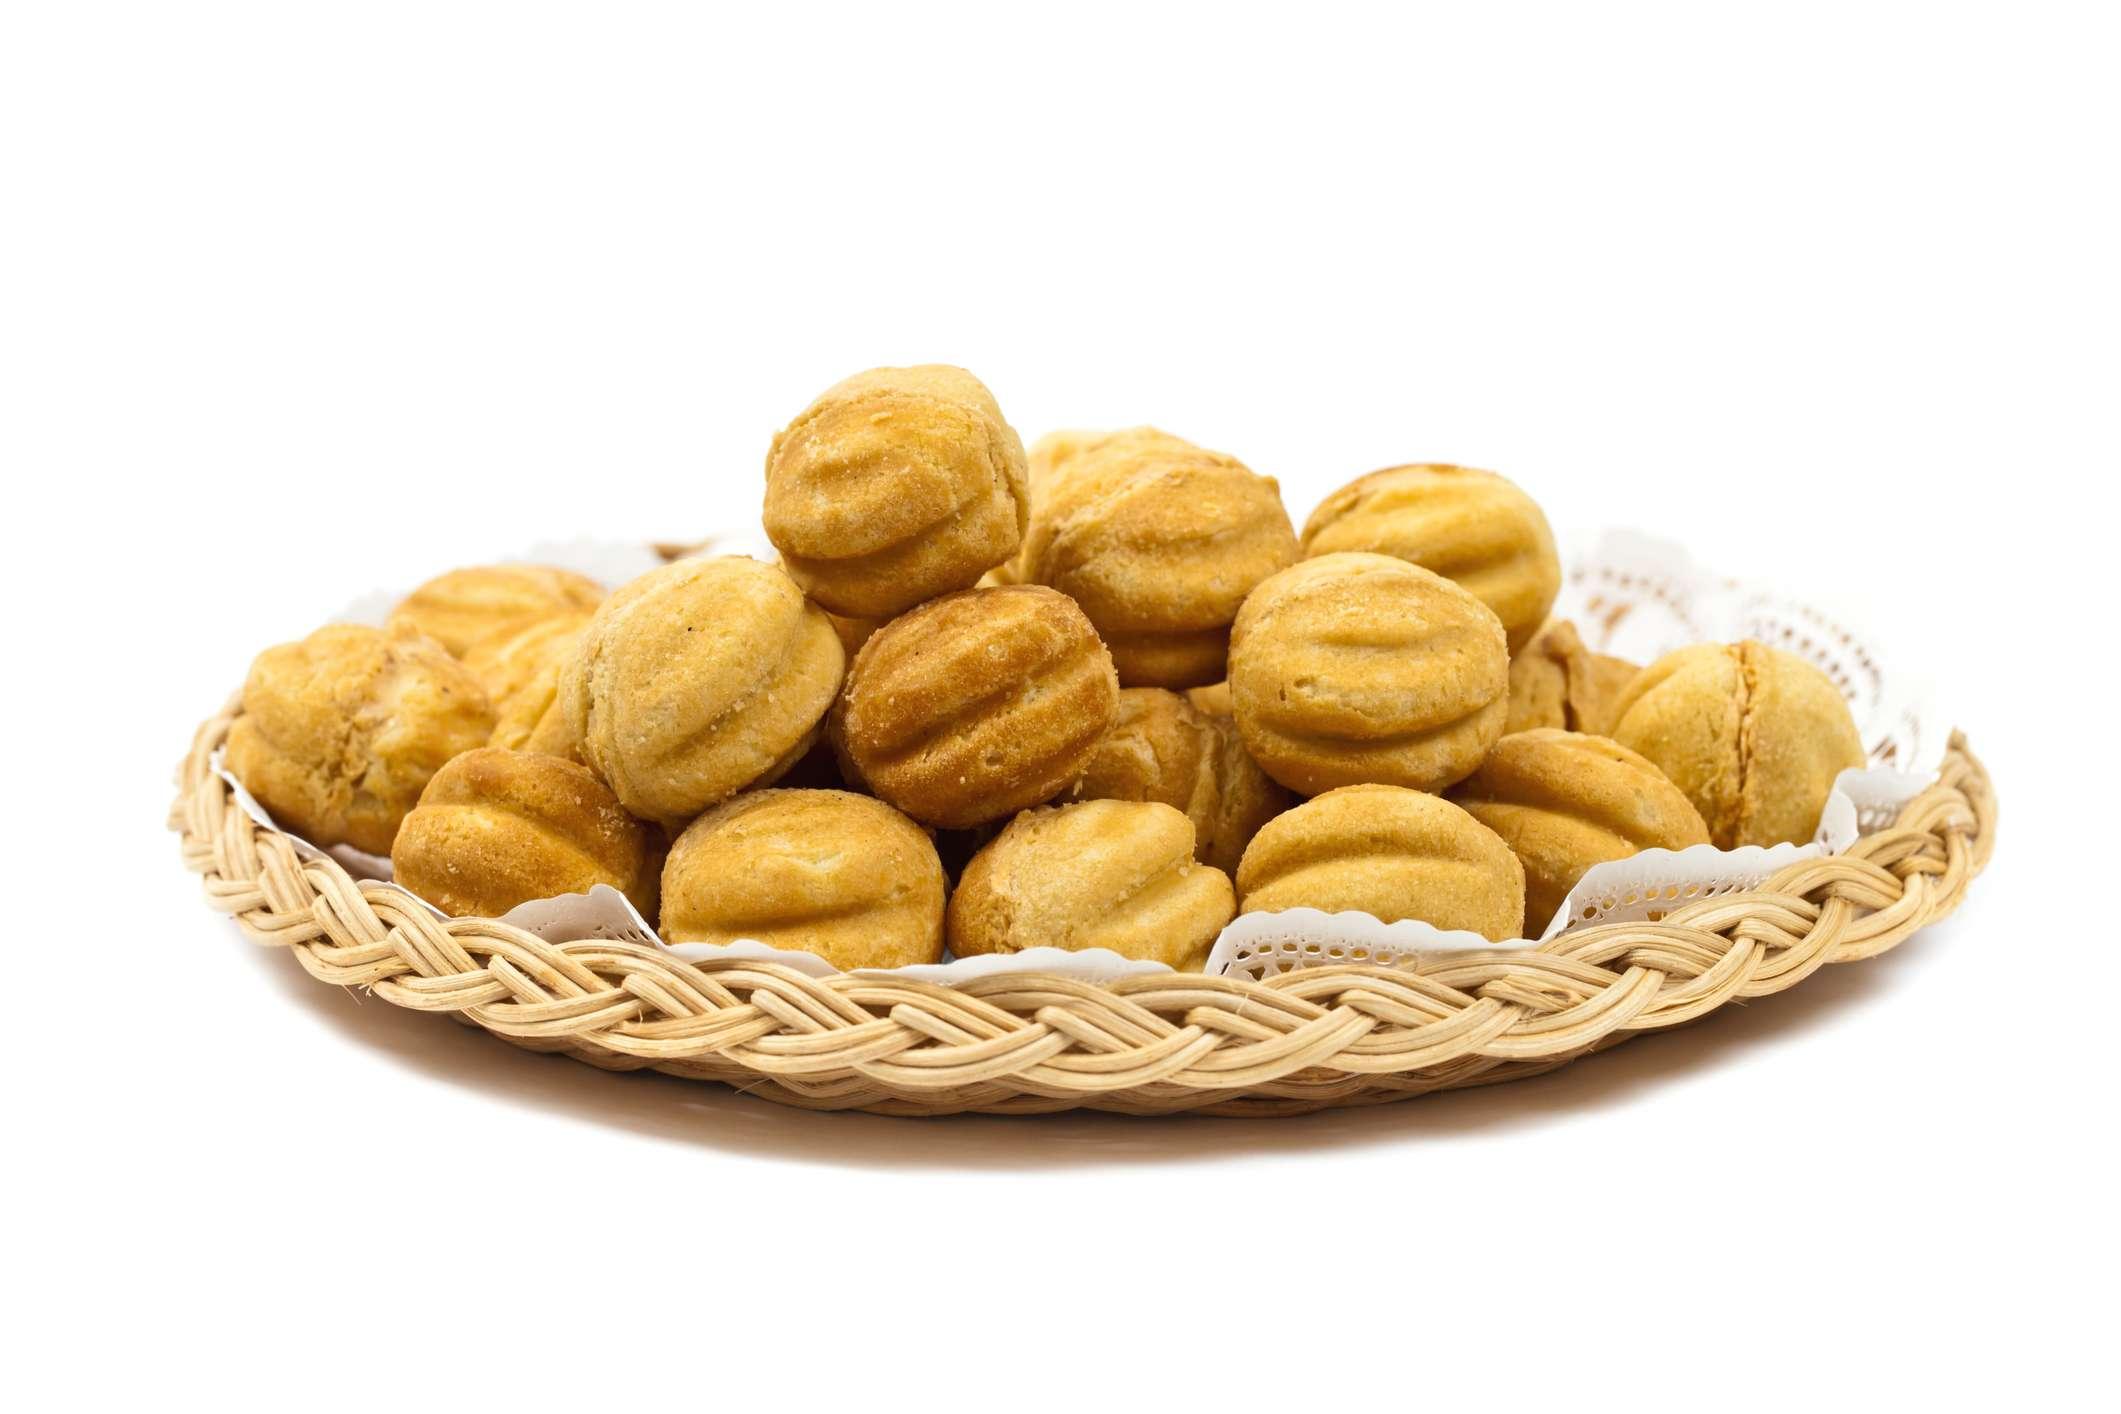 Polish Walnut-Shaped Cookies (Ciasteczka Orzeszki)